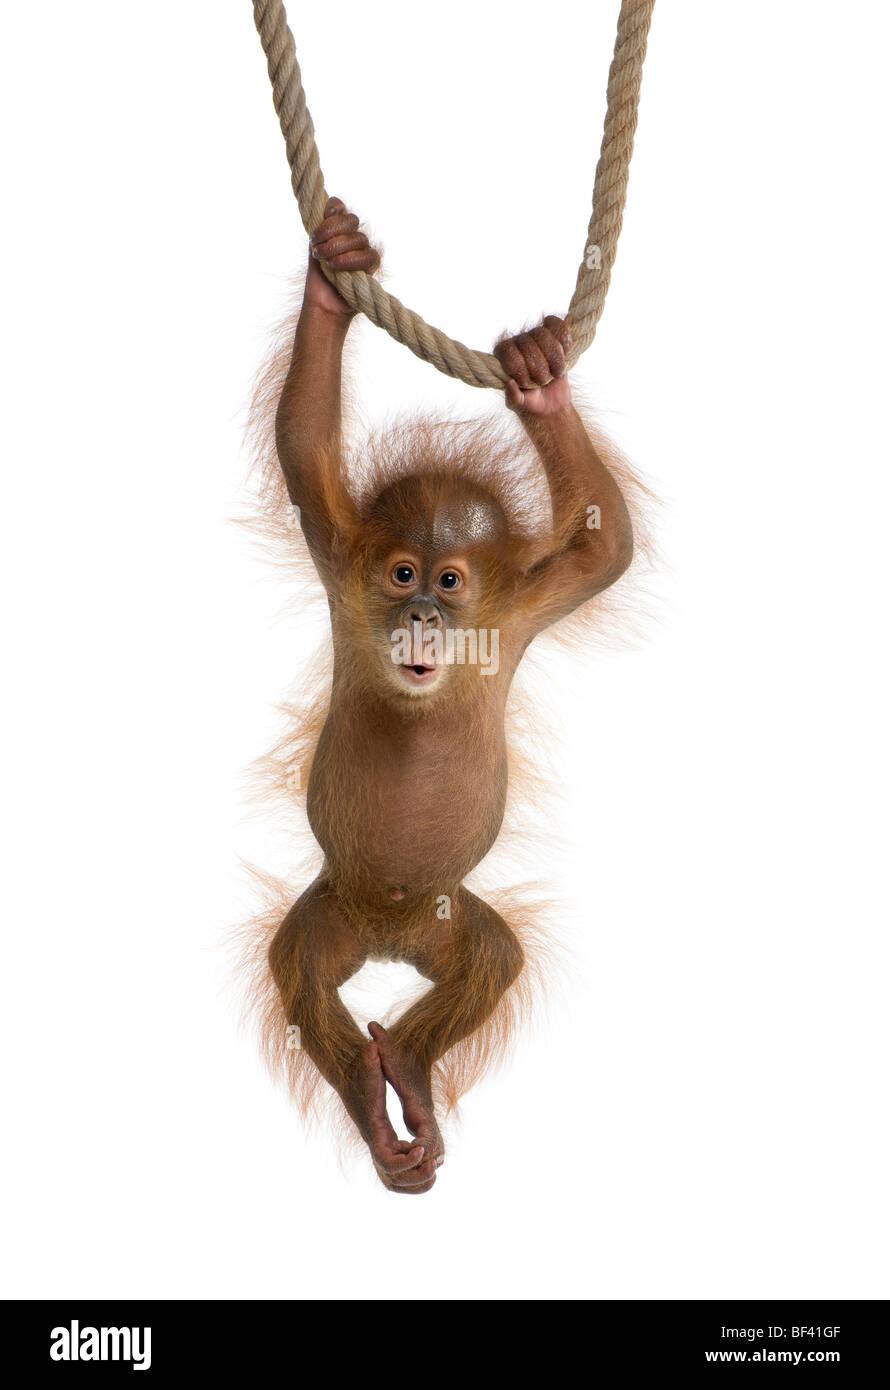 Baby Sumatra Tiere, 4 Monate alt, hängen an einem Seil vor einem weißen Hintergrund, Studio gedreht Stockbild